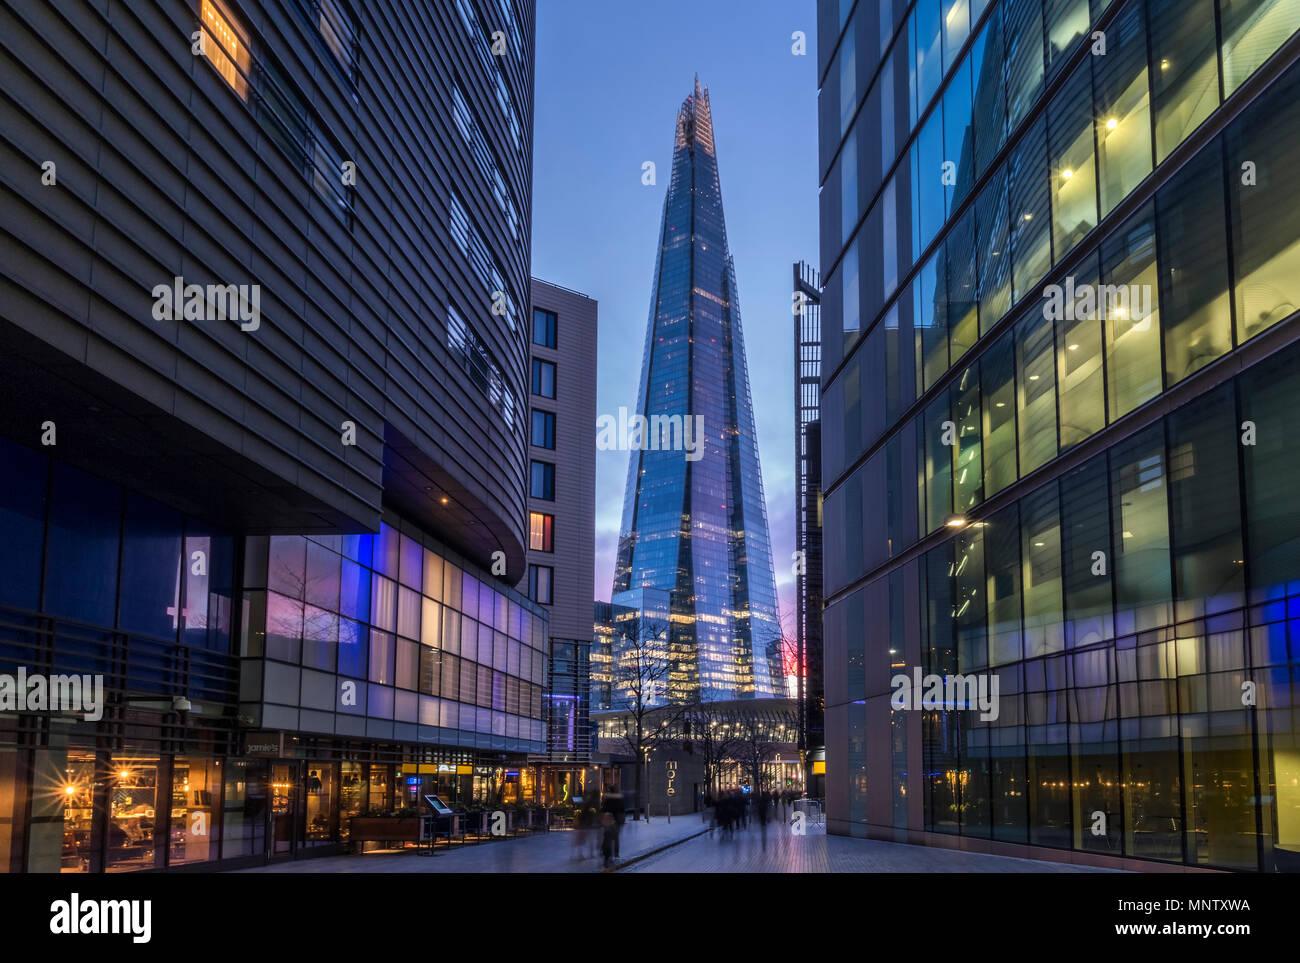 Der Shard Wolkenkratzer und moderne Bürogebäude, Southwark, London, England, Großbritannien Stockbild